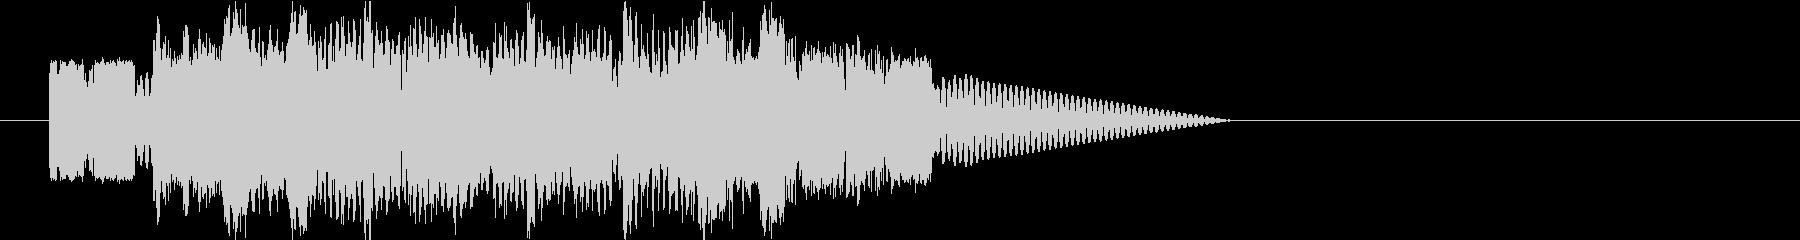 ロボットサウンド 機械音(ピコピコピコ)の未再生の波形